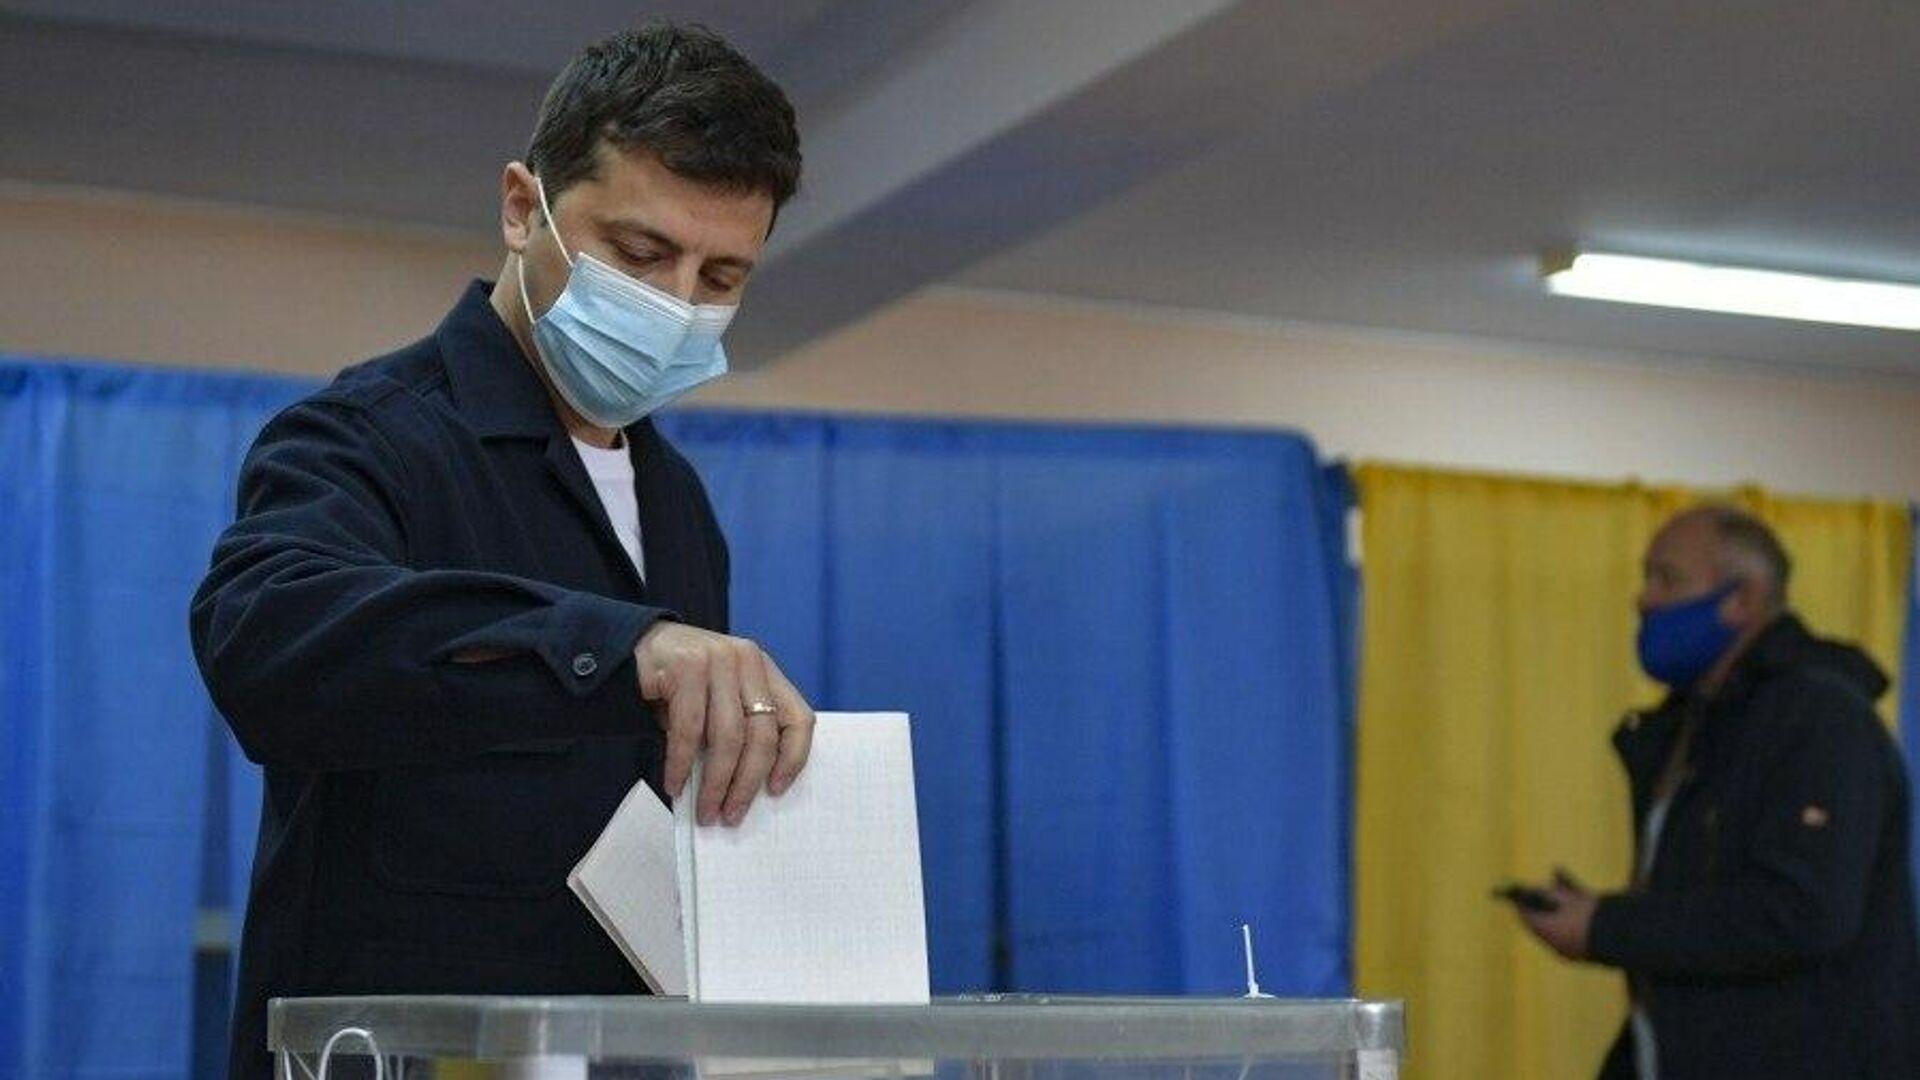 Президент Украины Владимир Зеленский проголосовал в Киеве на местных выборах,  - РИА Новости, 1920, 02.12.2020